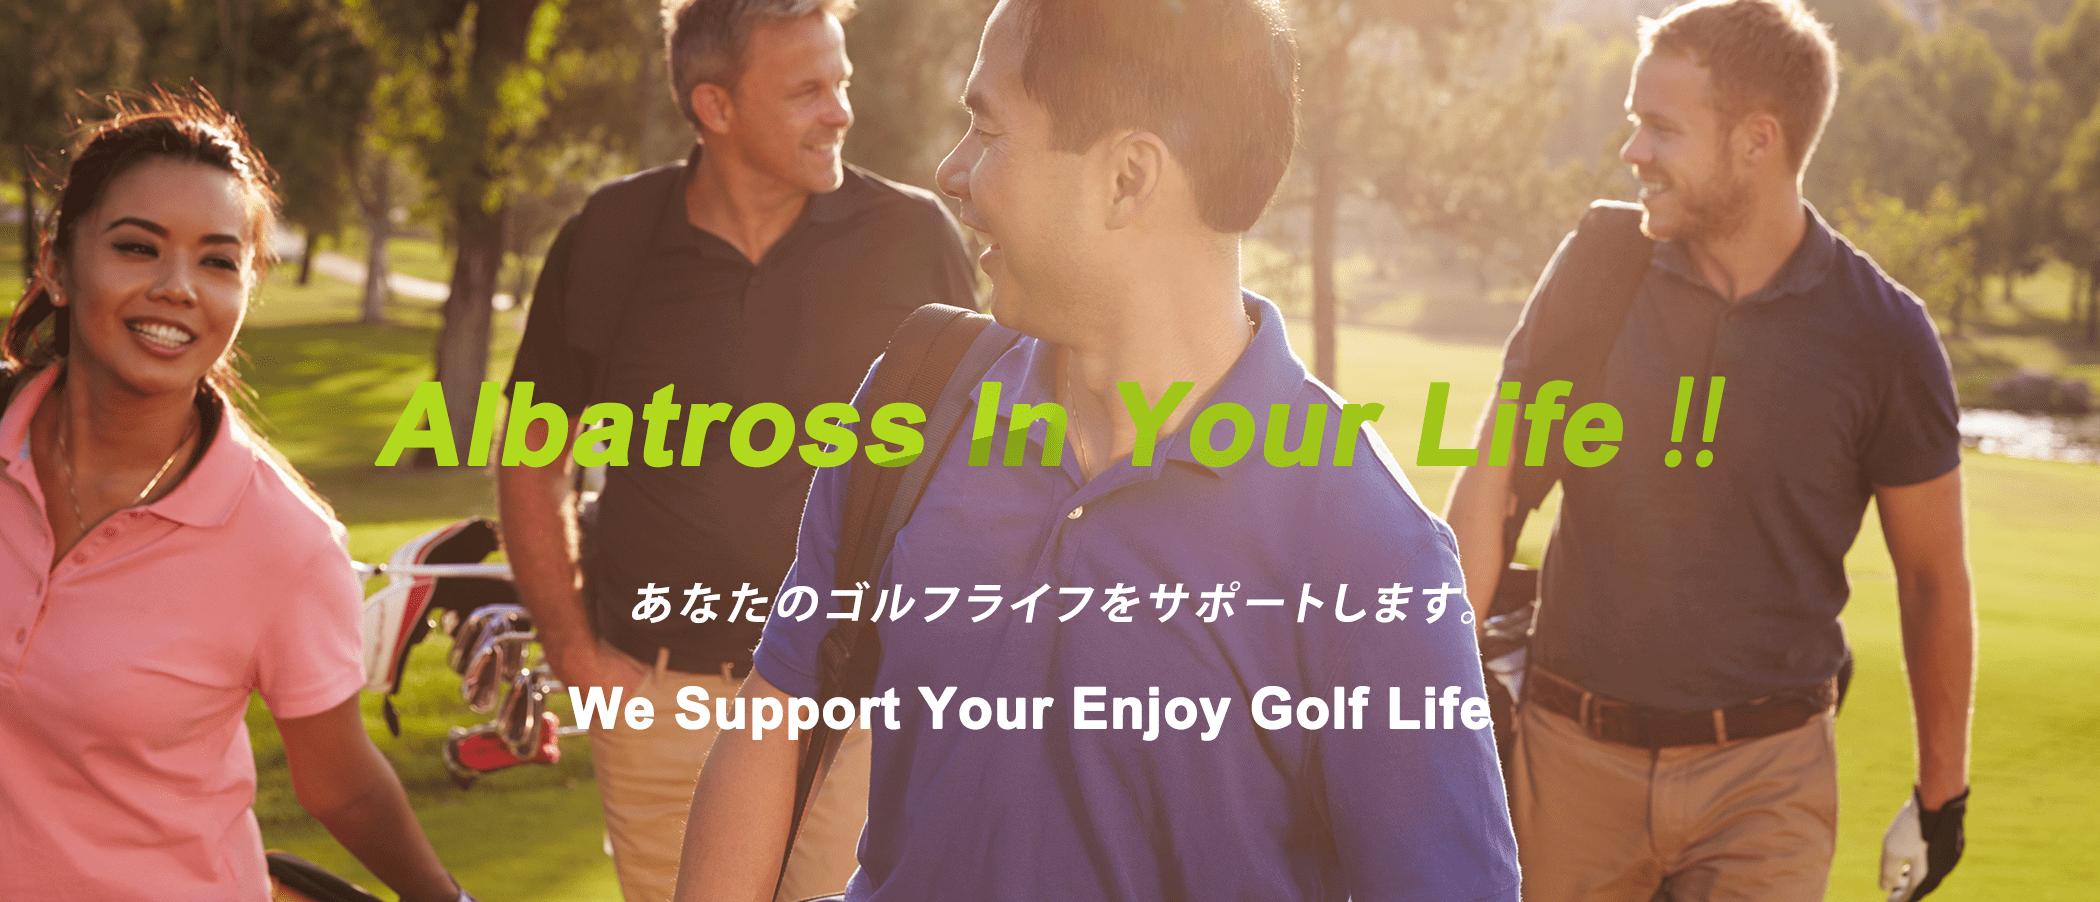 もっと身近にゴルフライフを。 | ゴルフ場で談笑する人物たちの写真